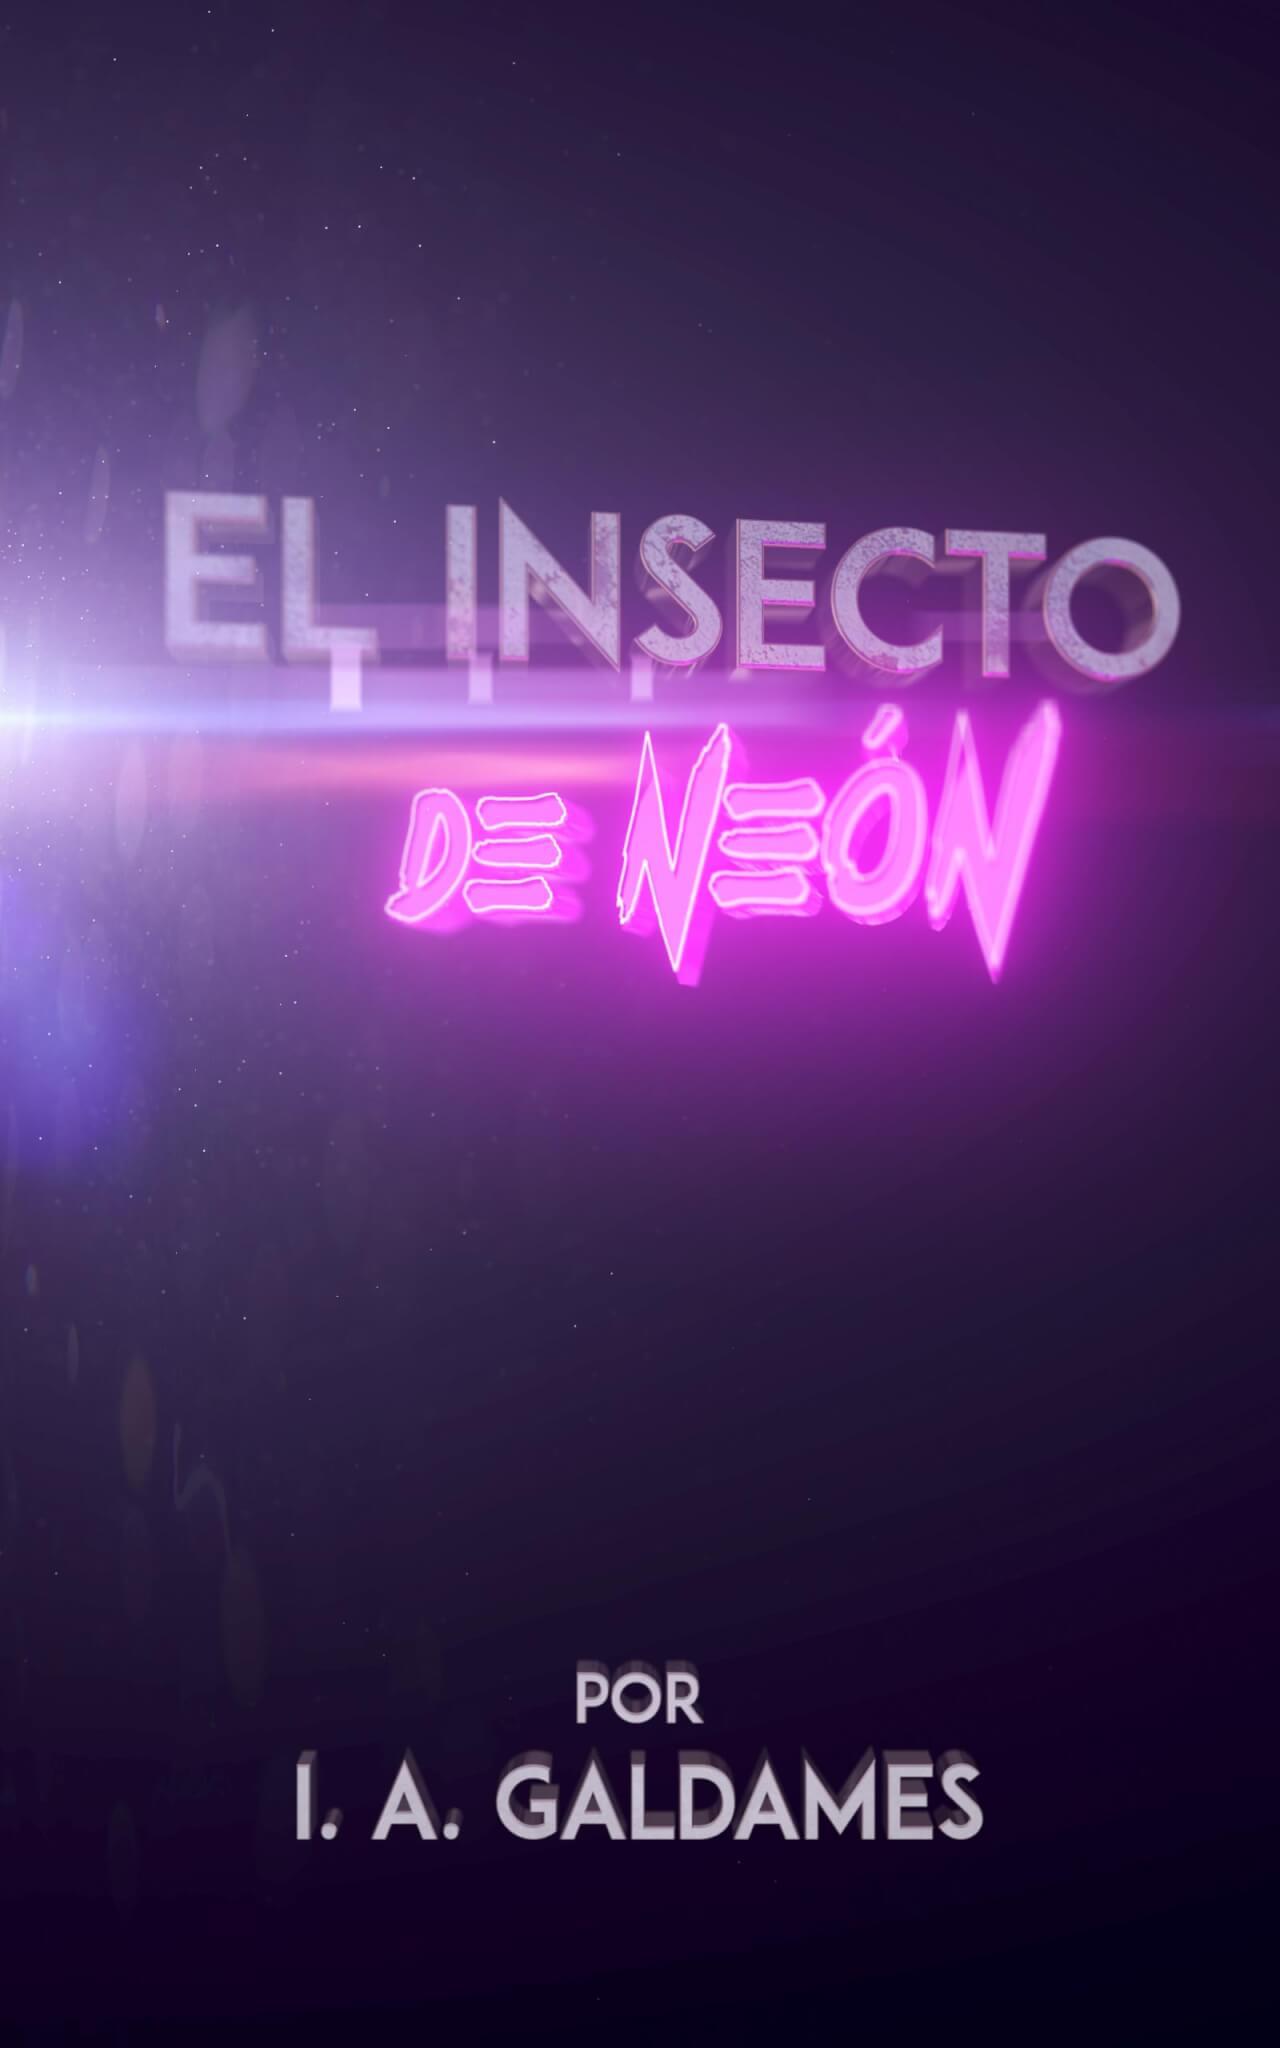 El Insecto de Neón   The Neon Insect